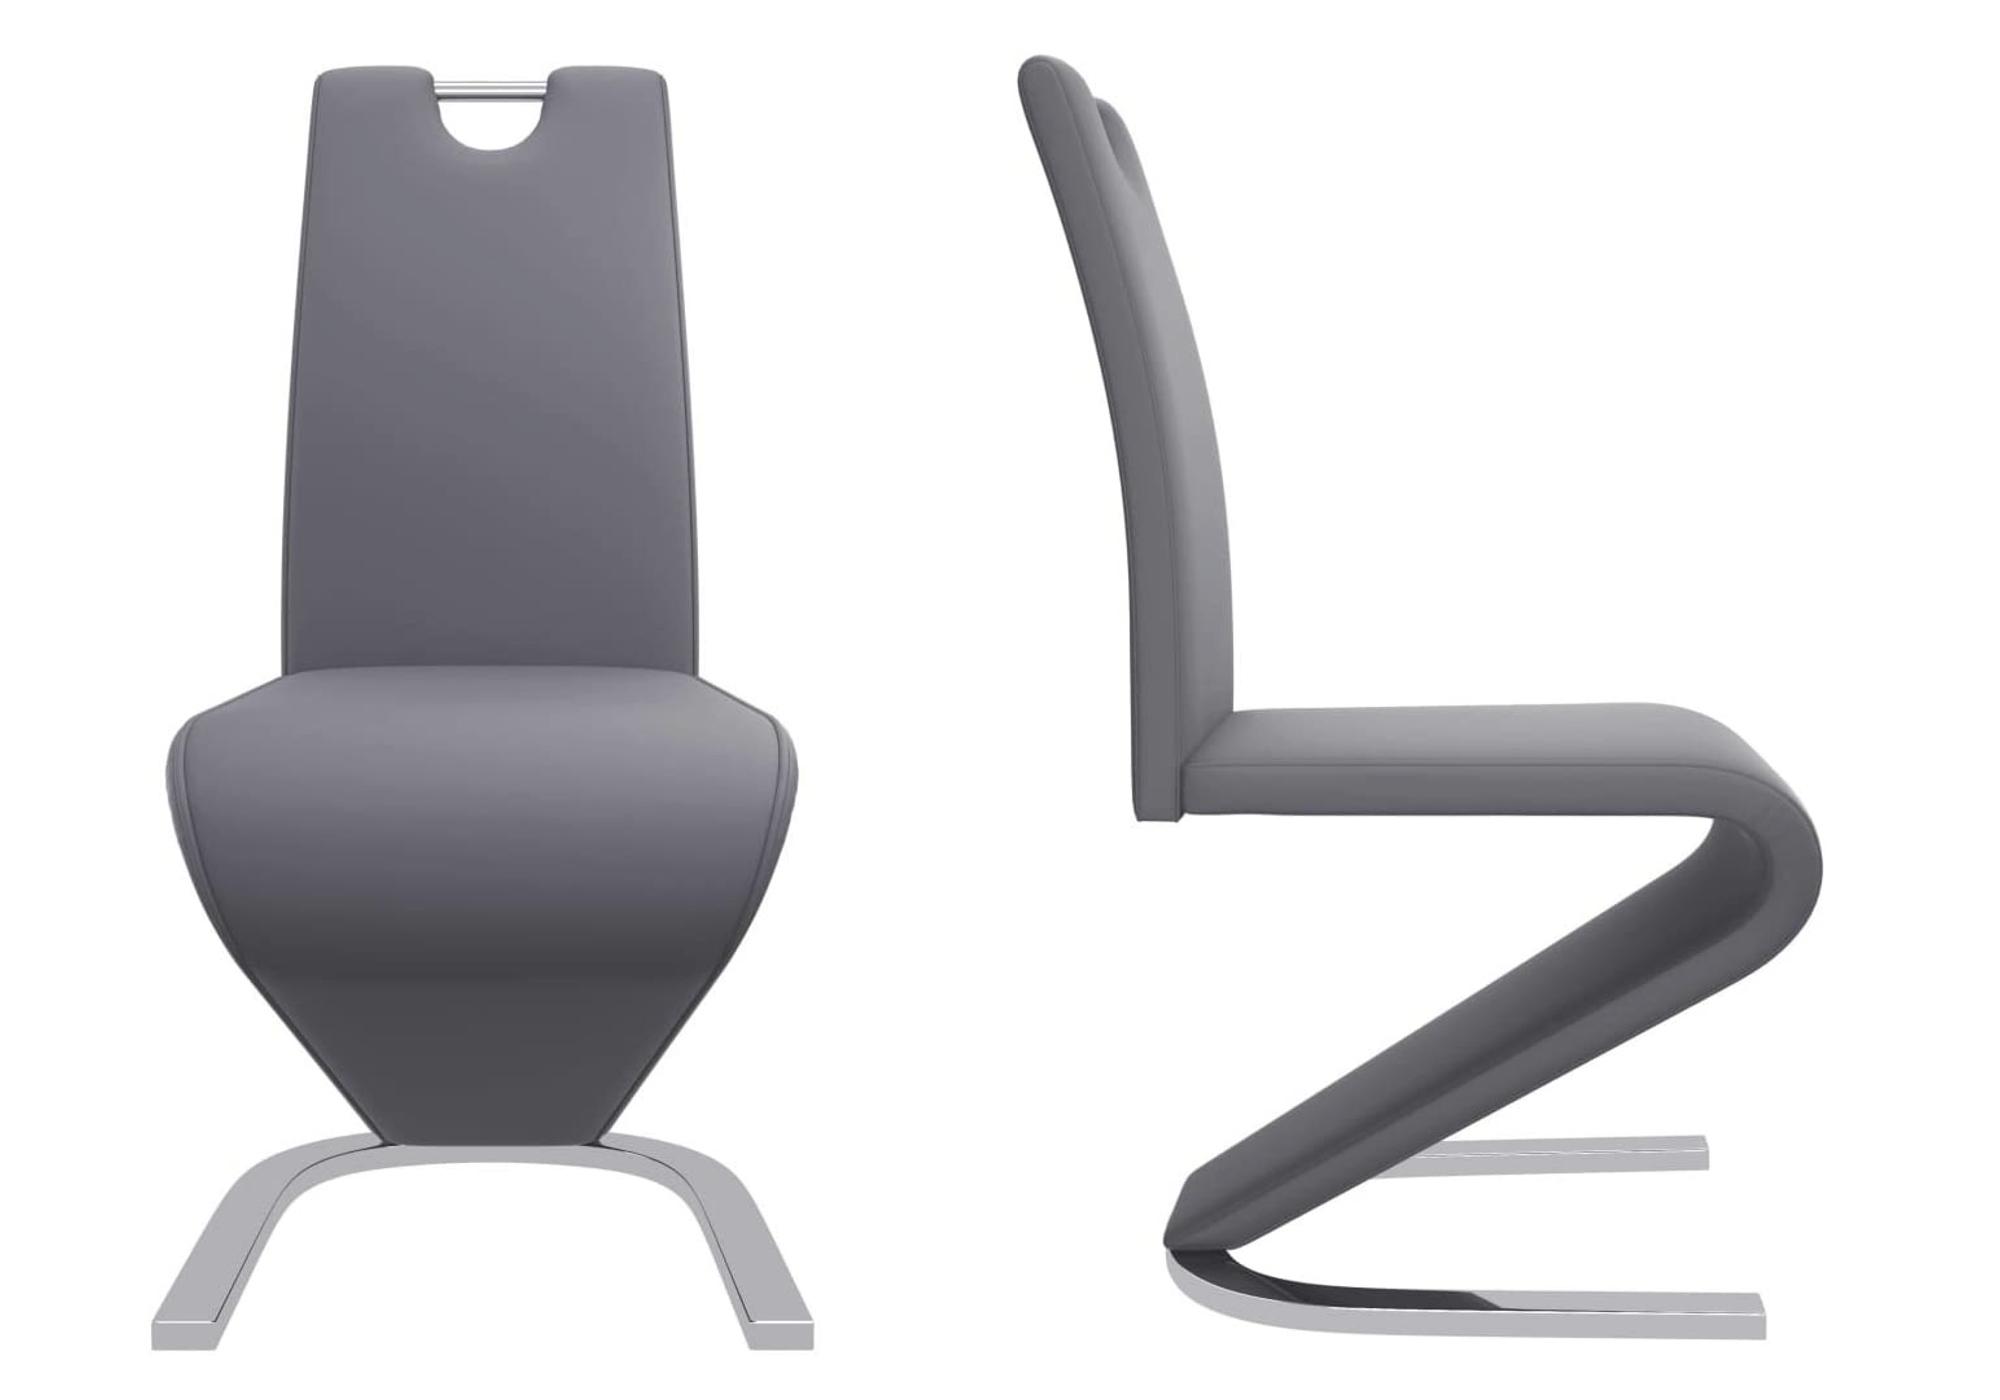 Chaises design chromé gris AÉRIS